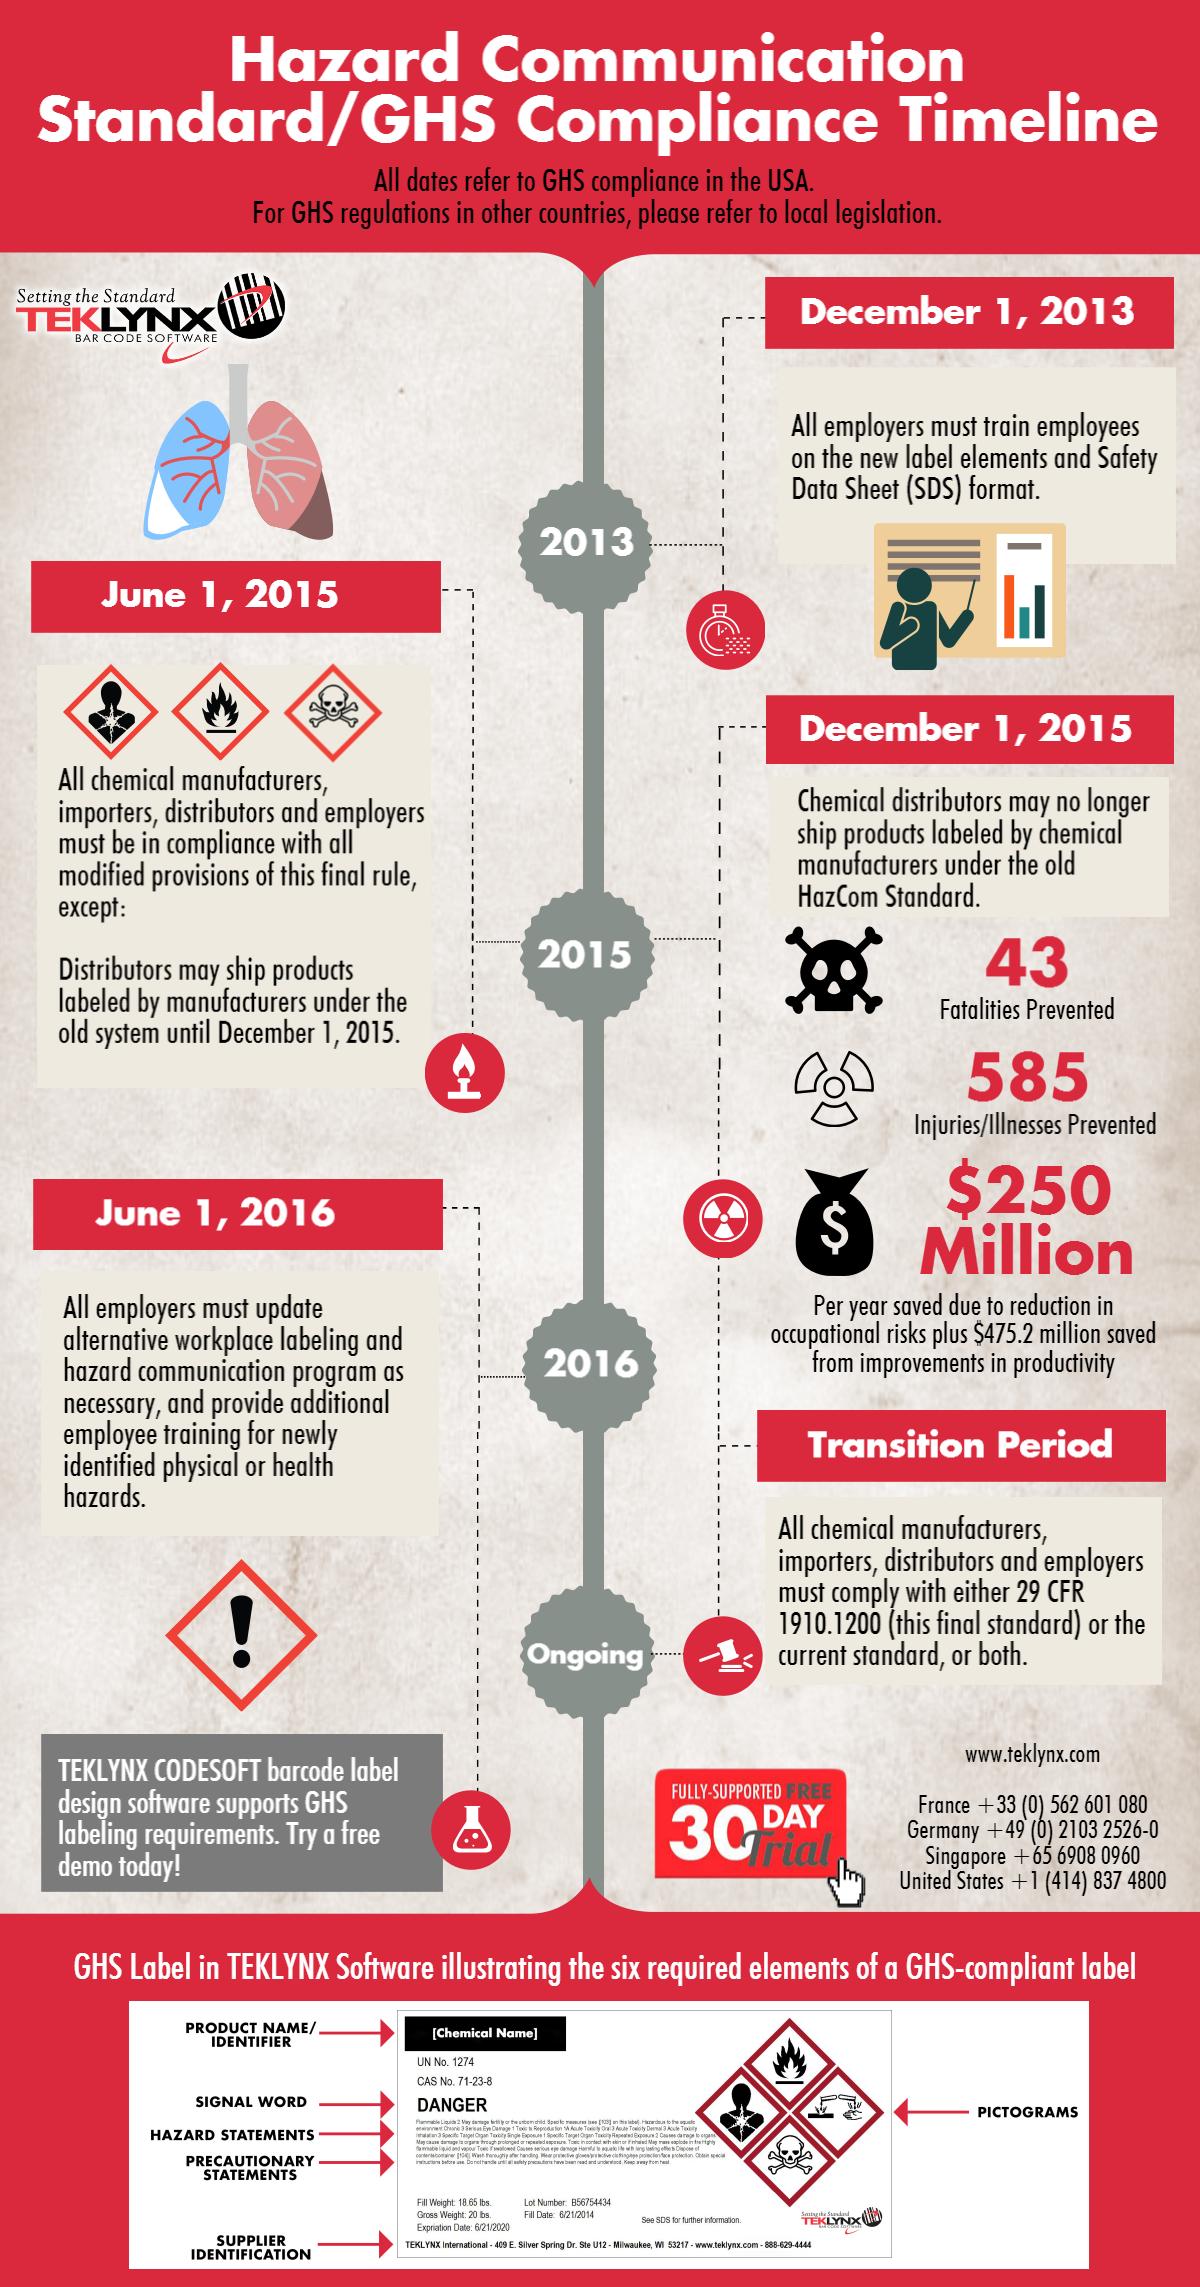 Infografika: Časová osa pro dodržování GHS v USA